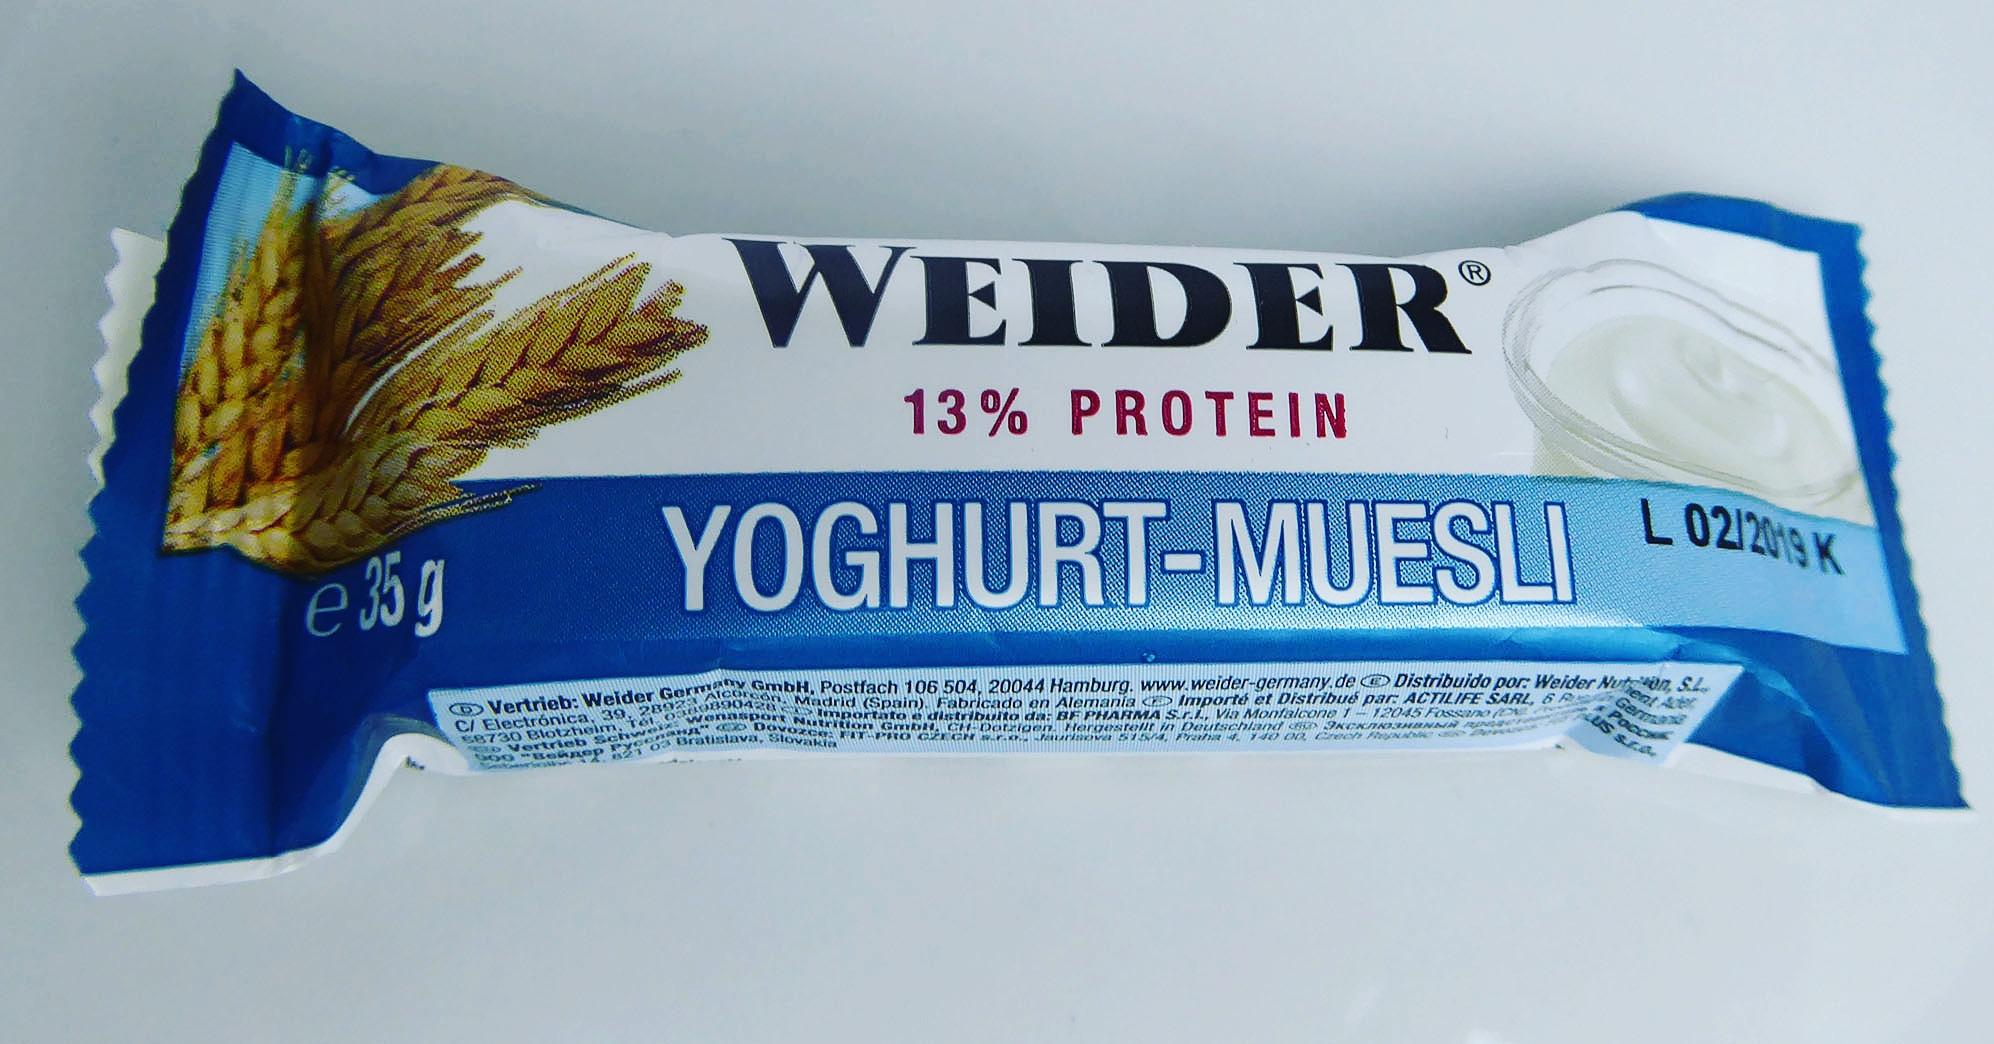 Weider Yoghurt Muesli Protein Bar